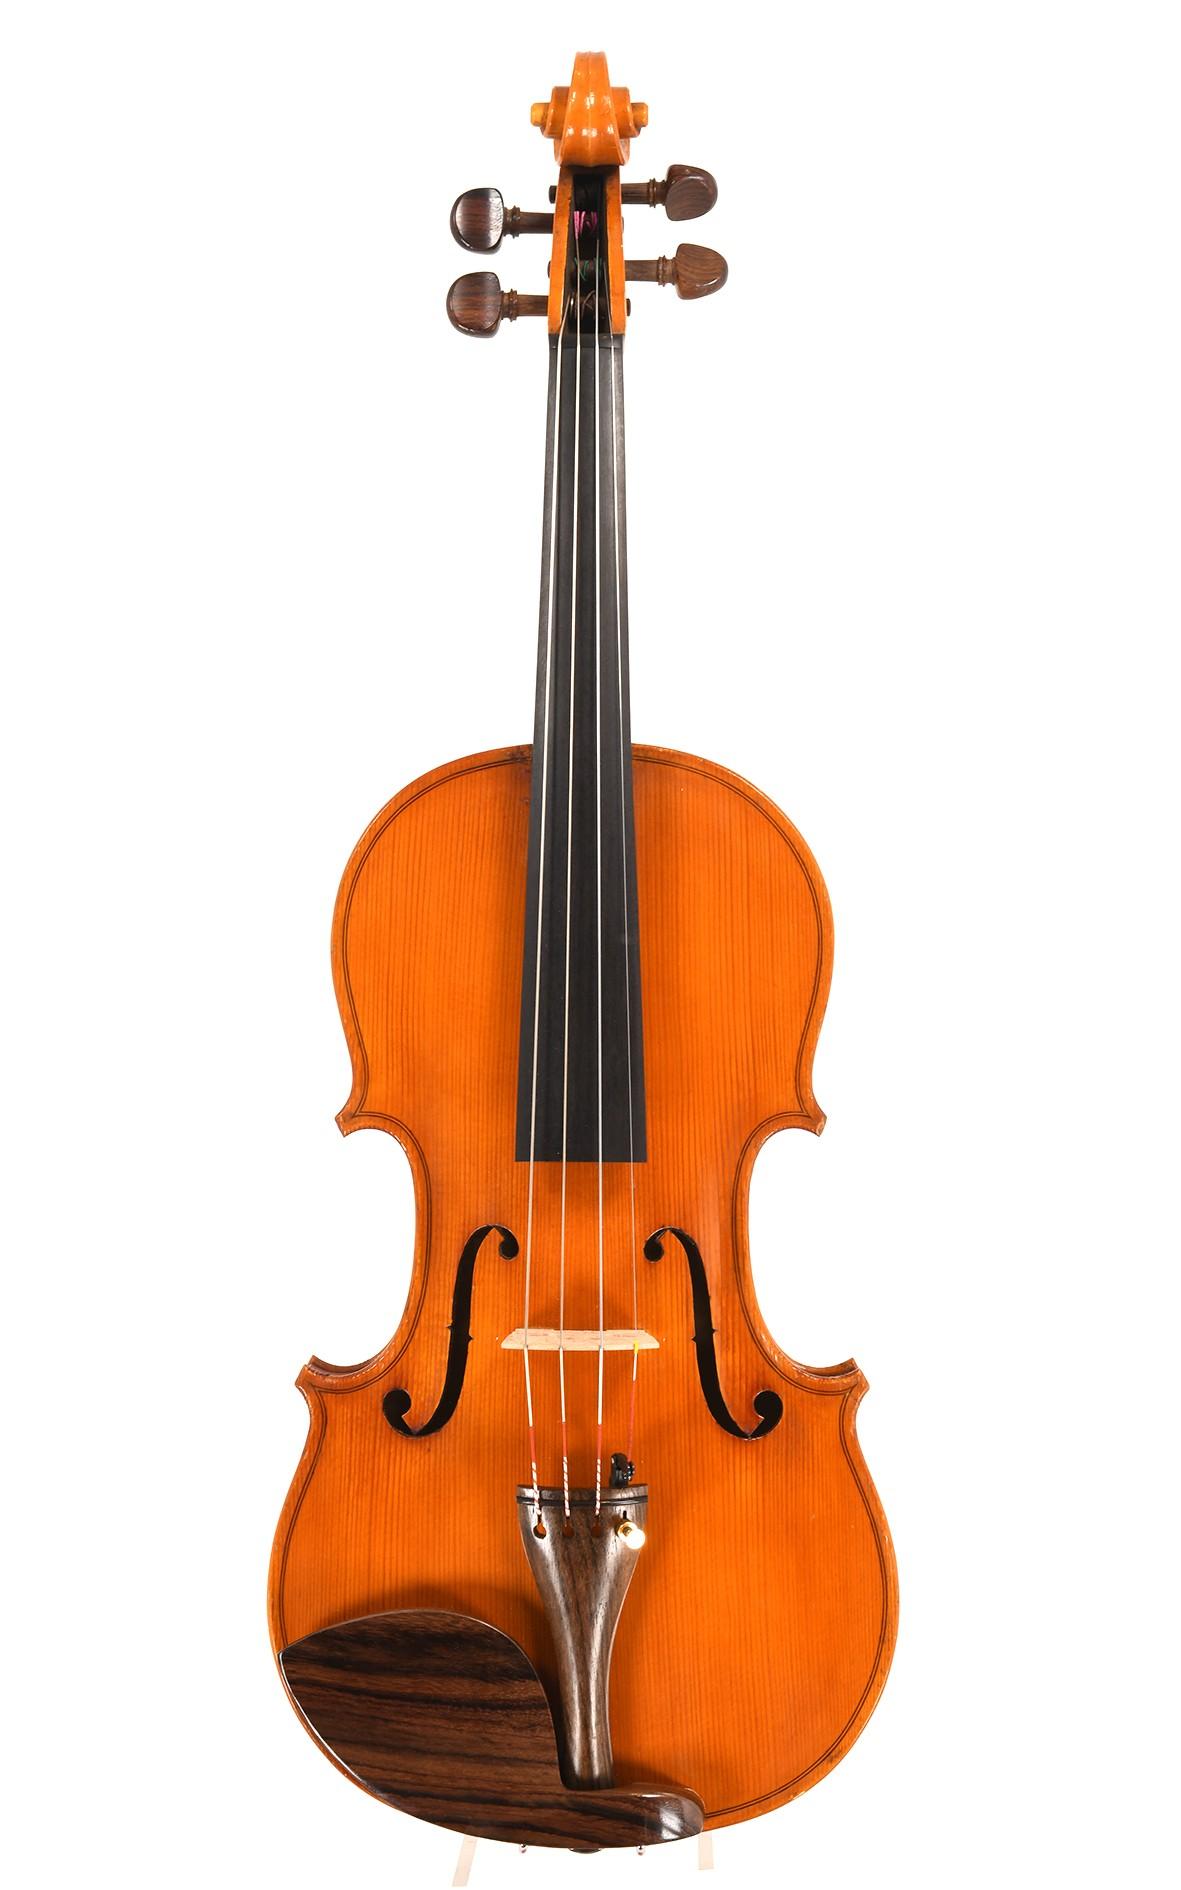 Zeitgenössische englische Geige aus dem Jahr 1984